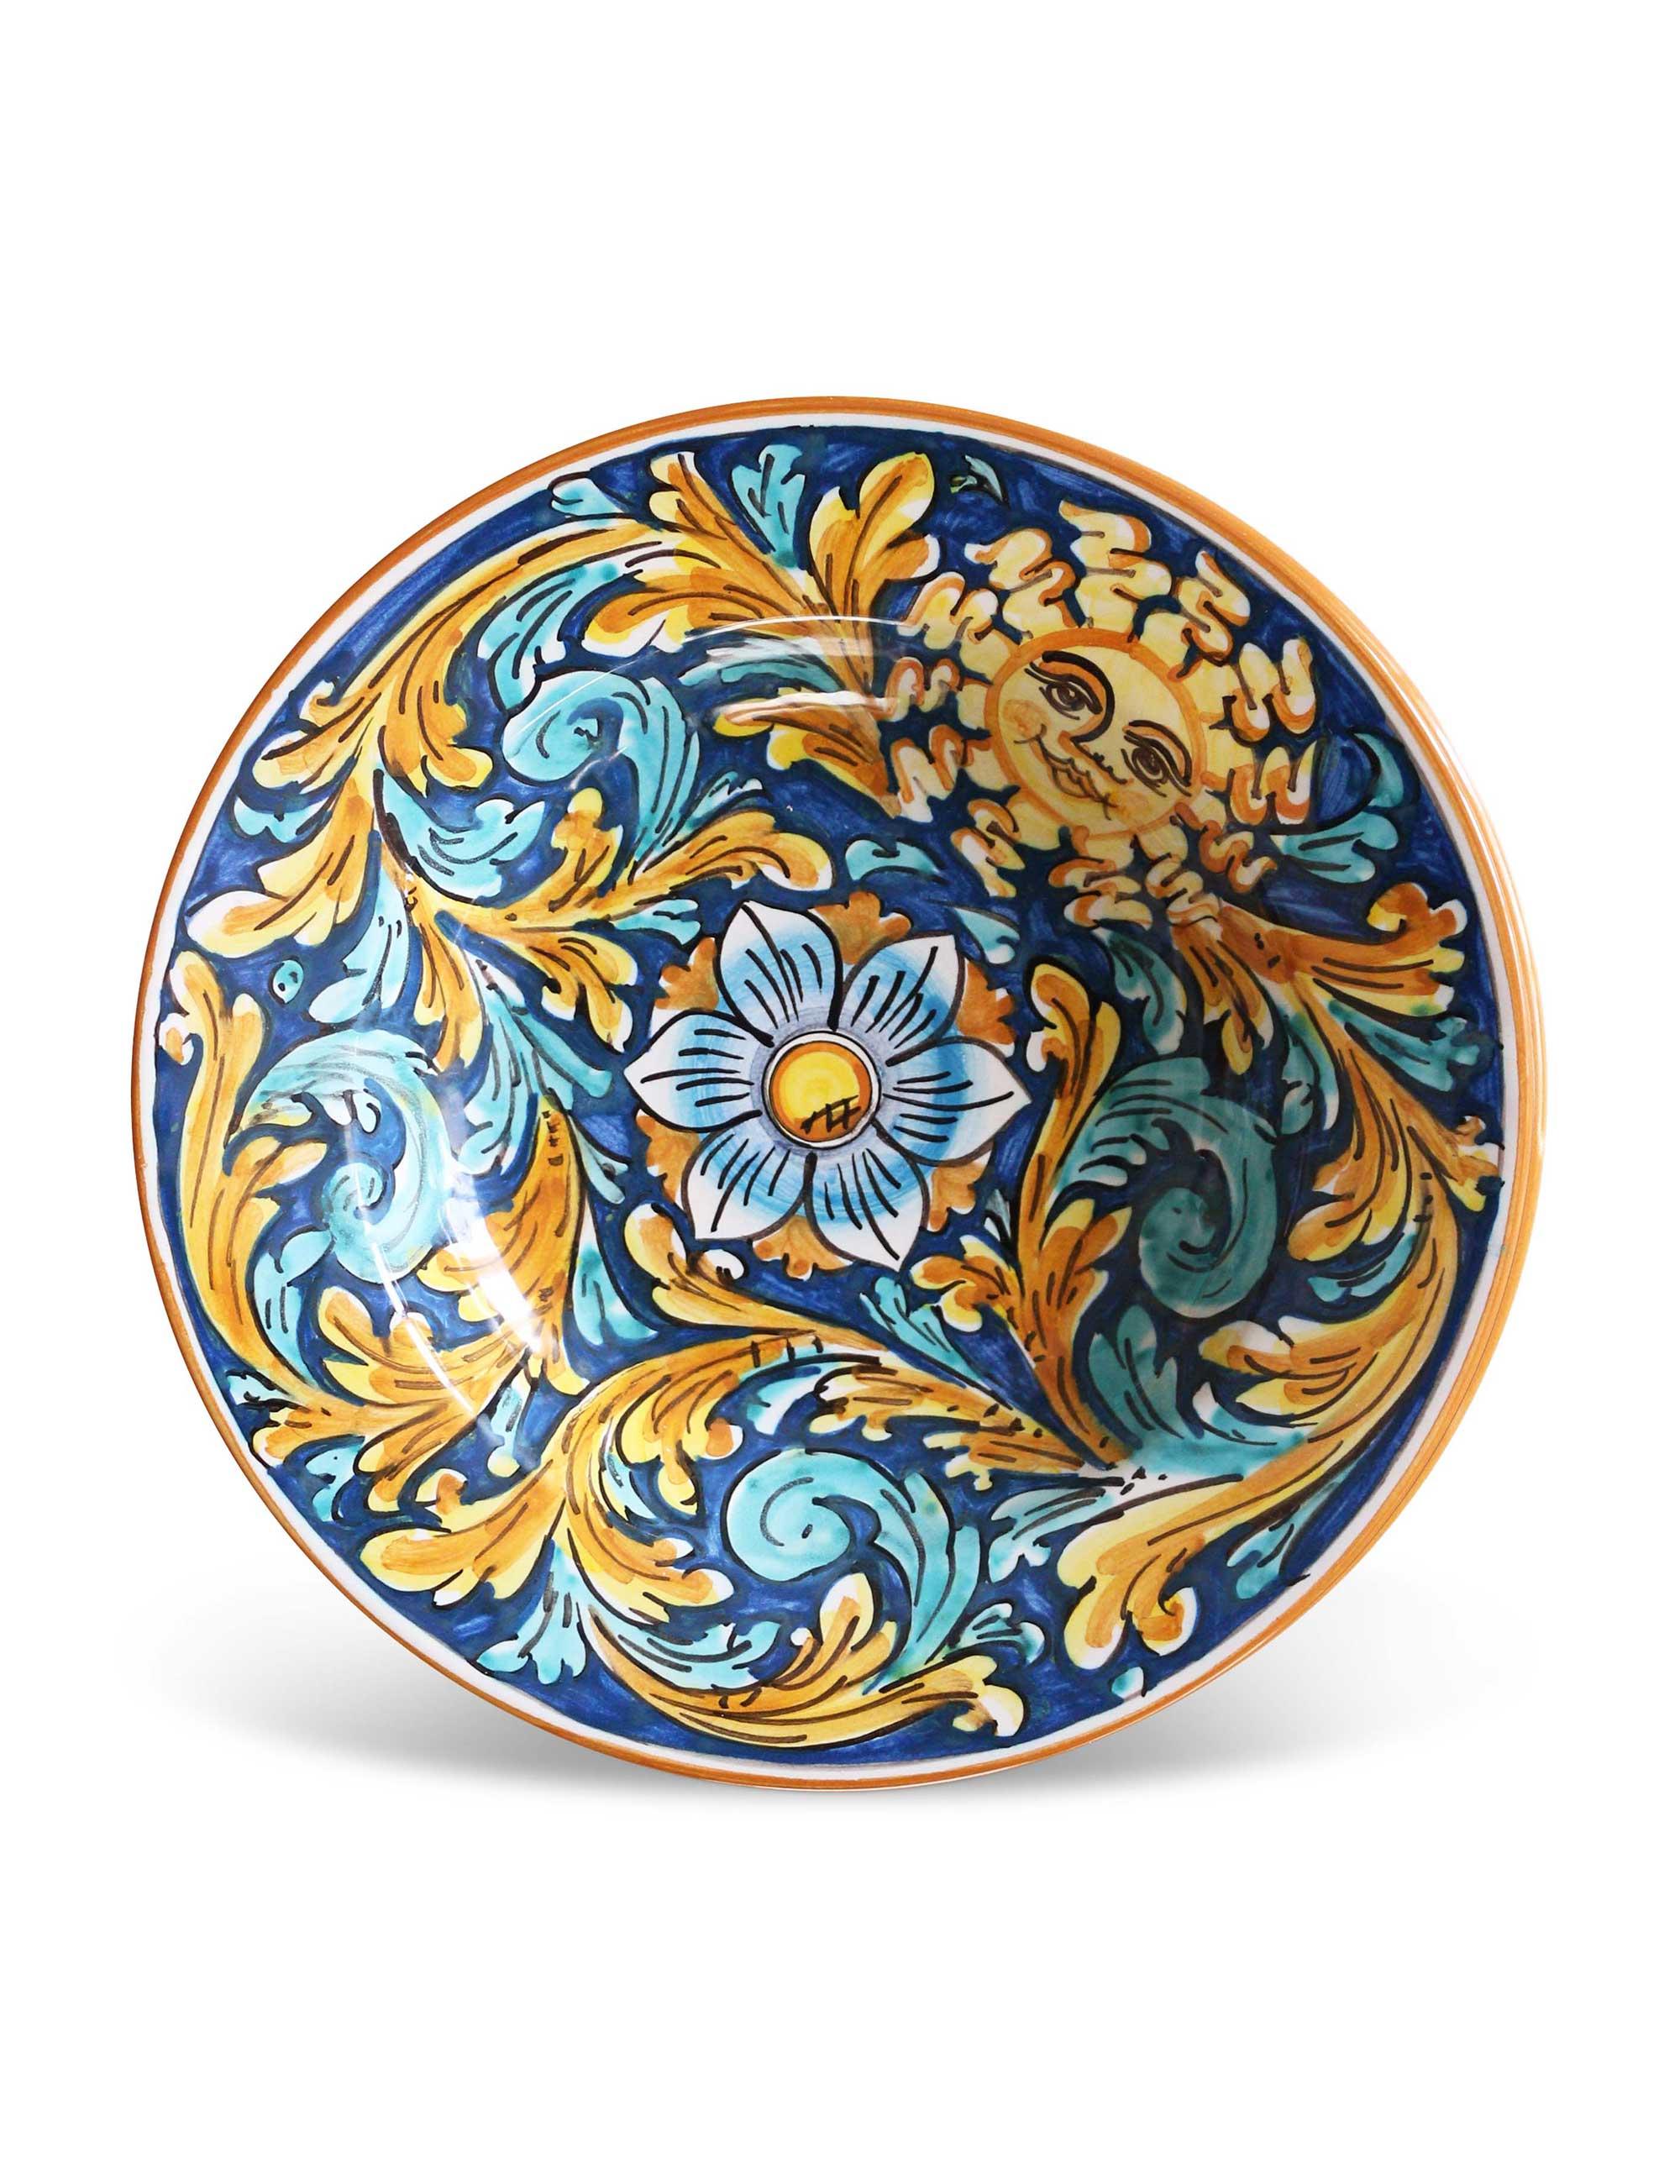 Piatto fondo in ceramica siciliana decorata